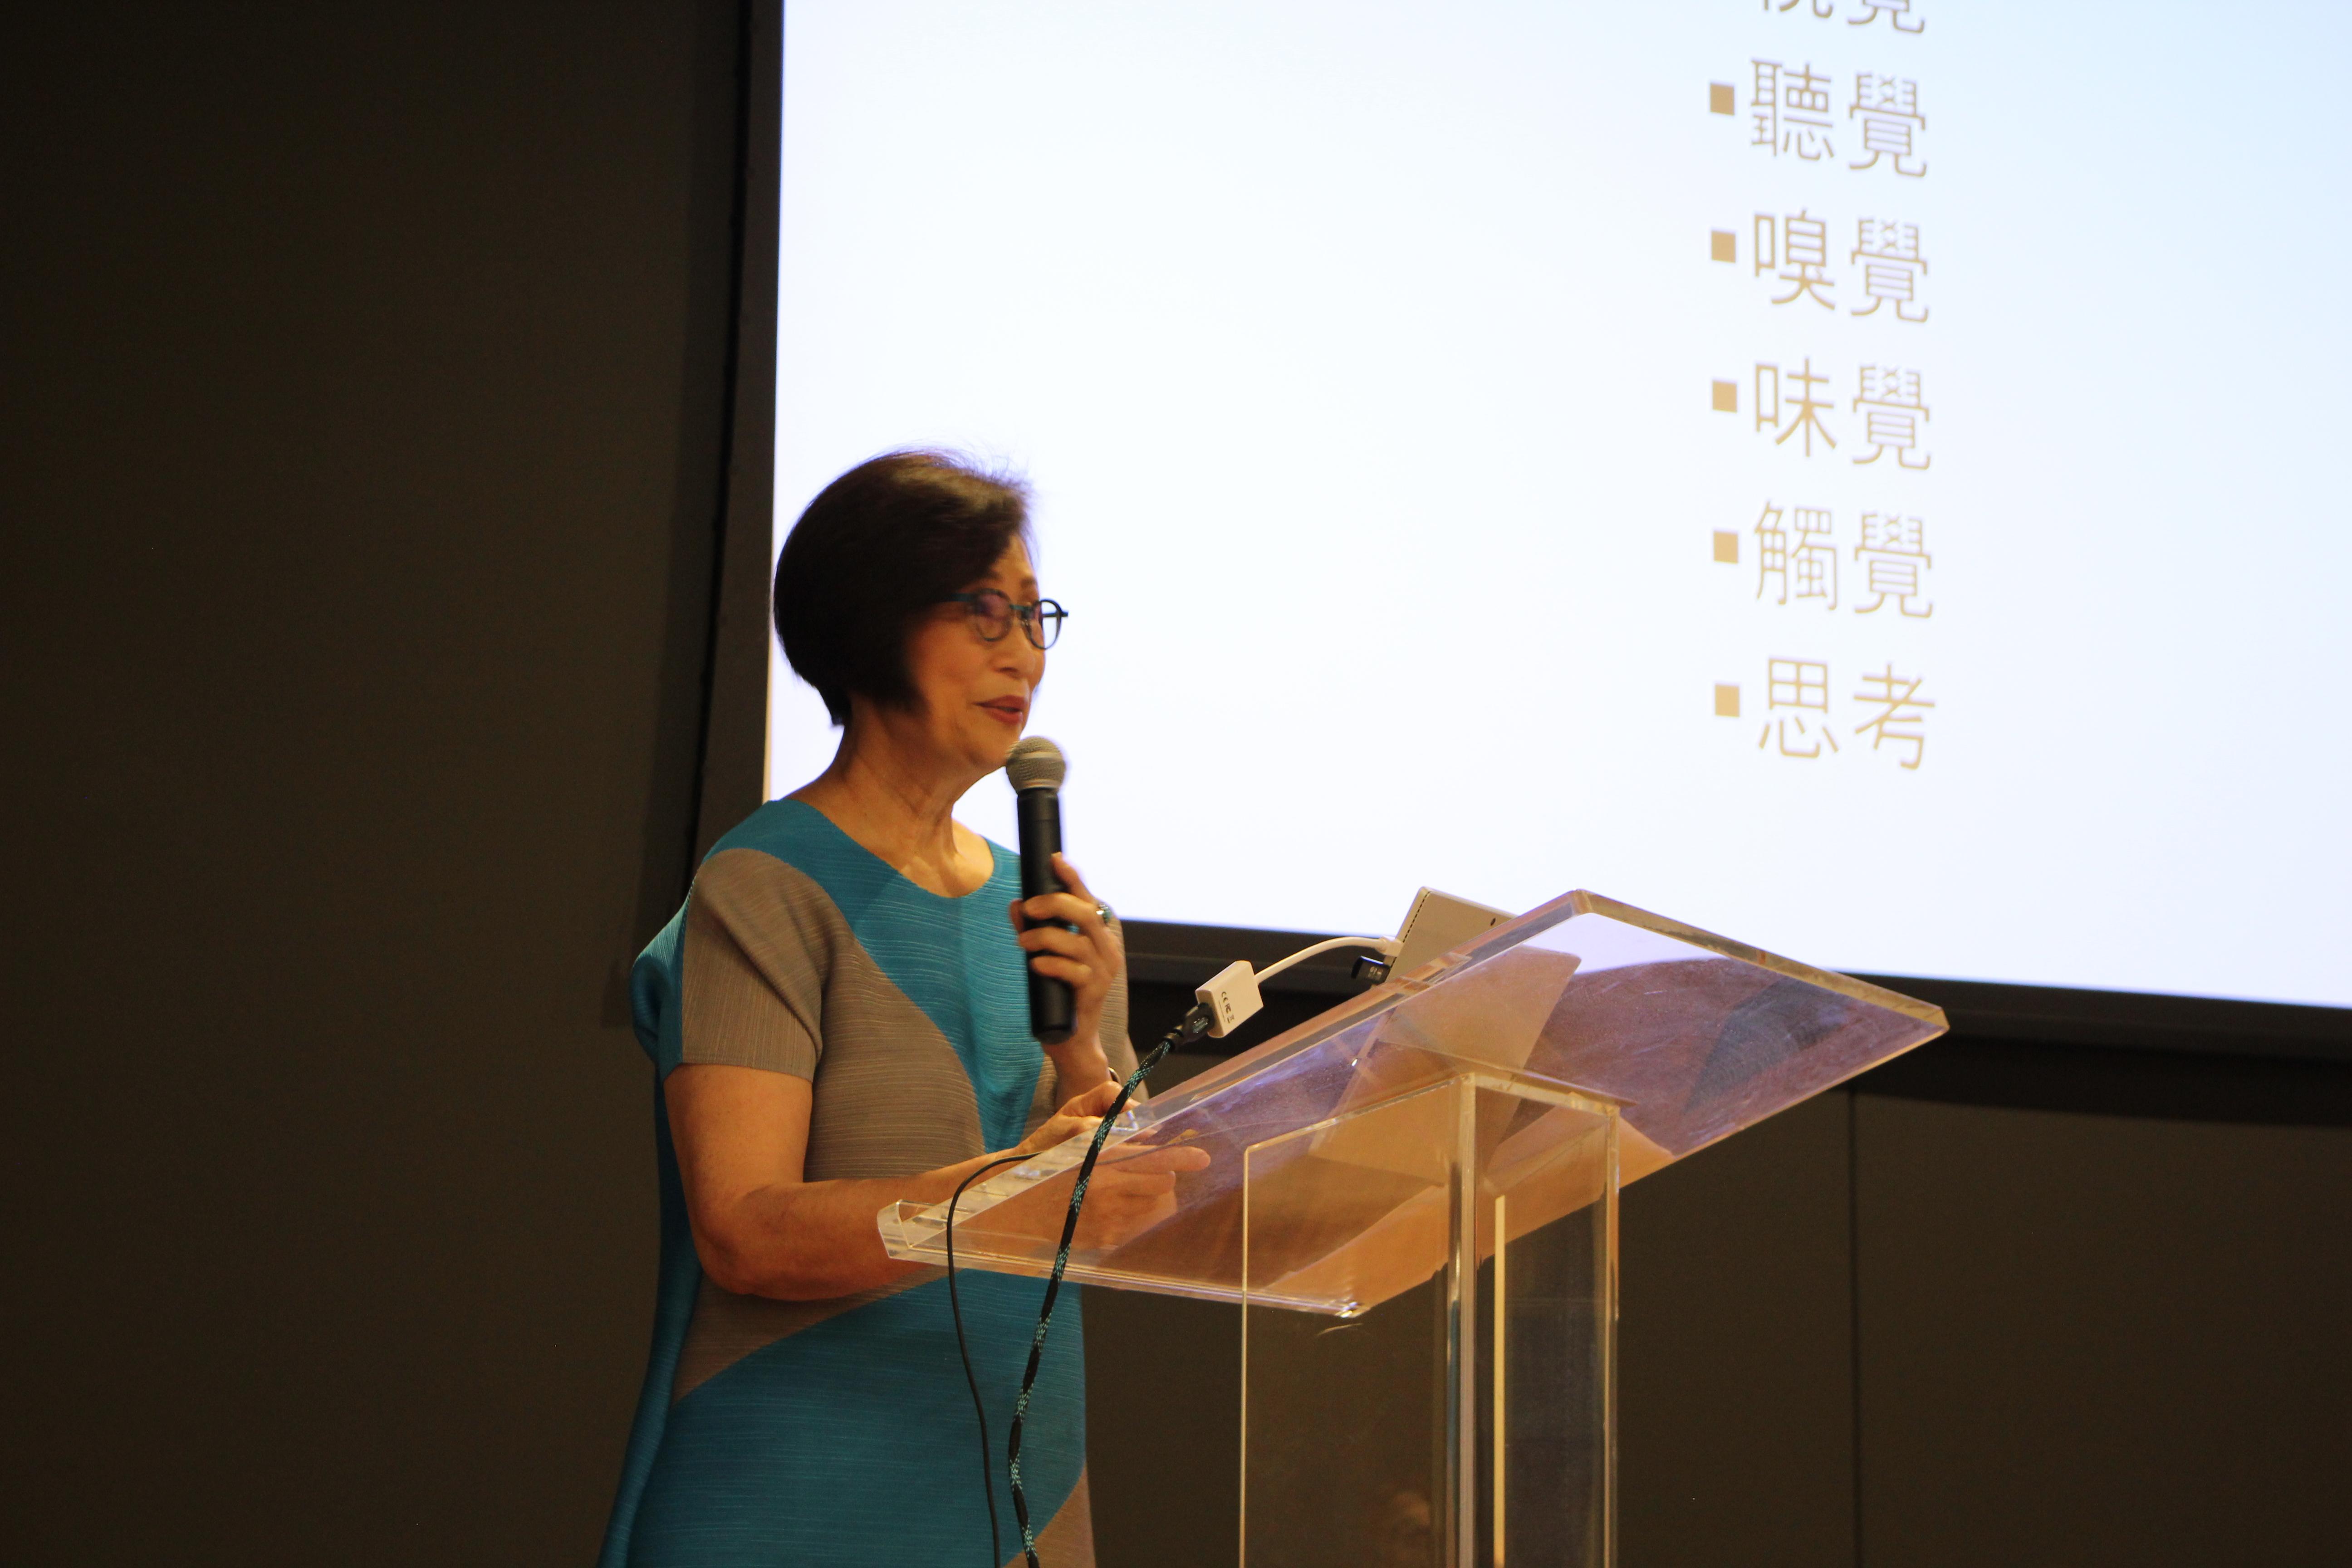 辜懷箴代表趙氏基金會捐贈100萬元興建「長者活動中心」,她在演講時以人類具有的各種感覺,向民眾闡述我們應當感恩所擁有的一切。